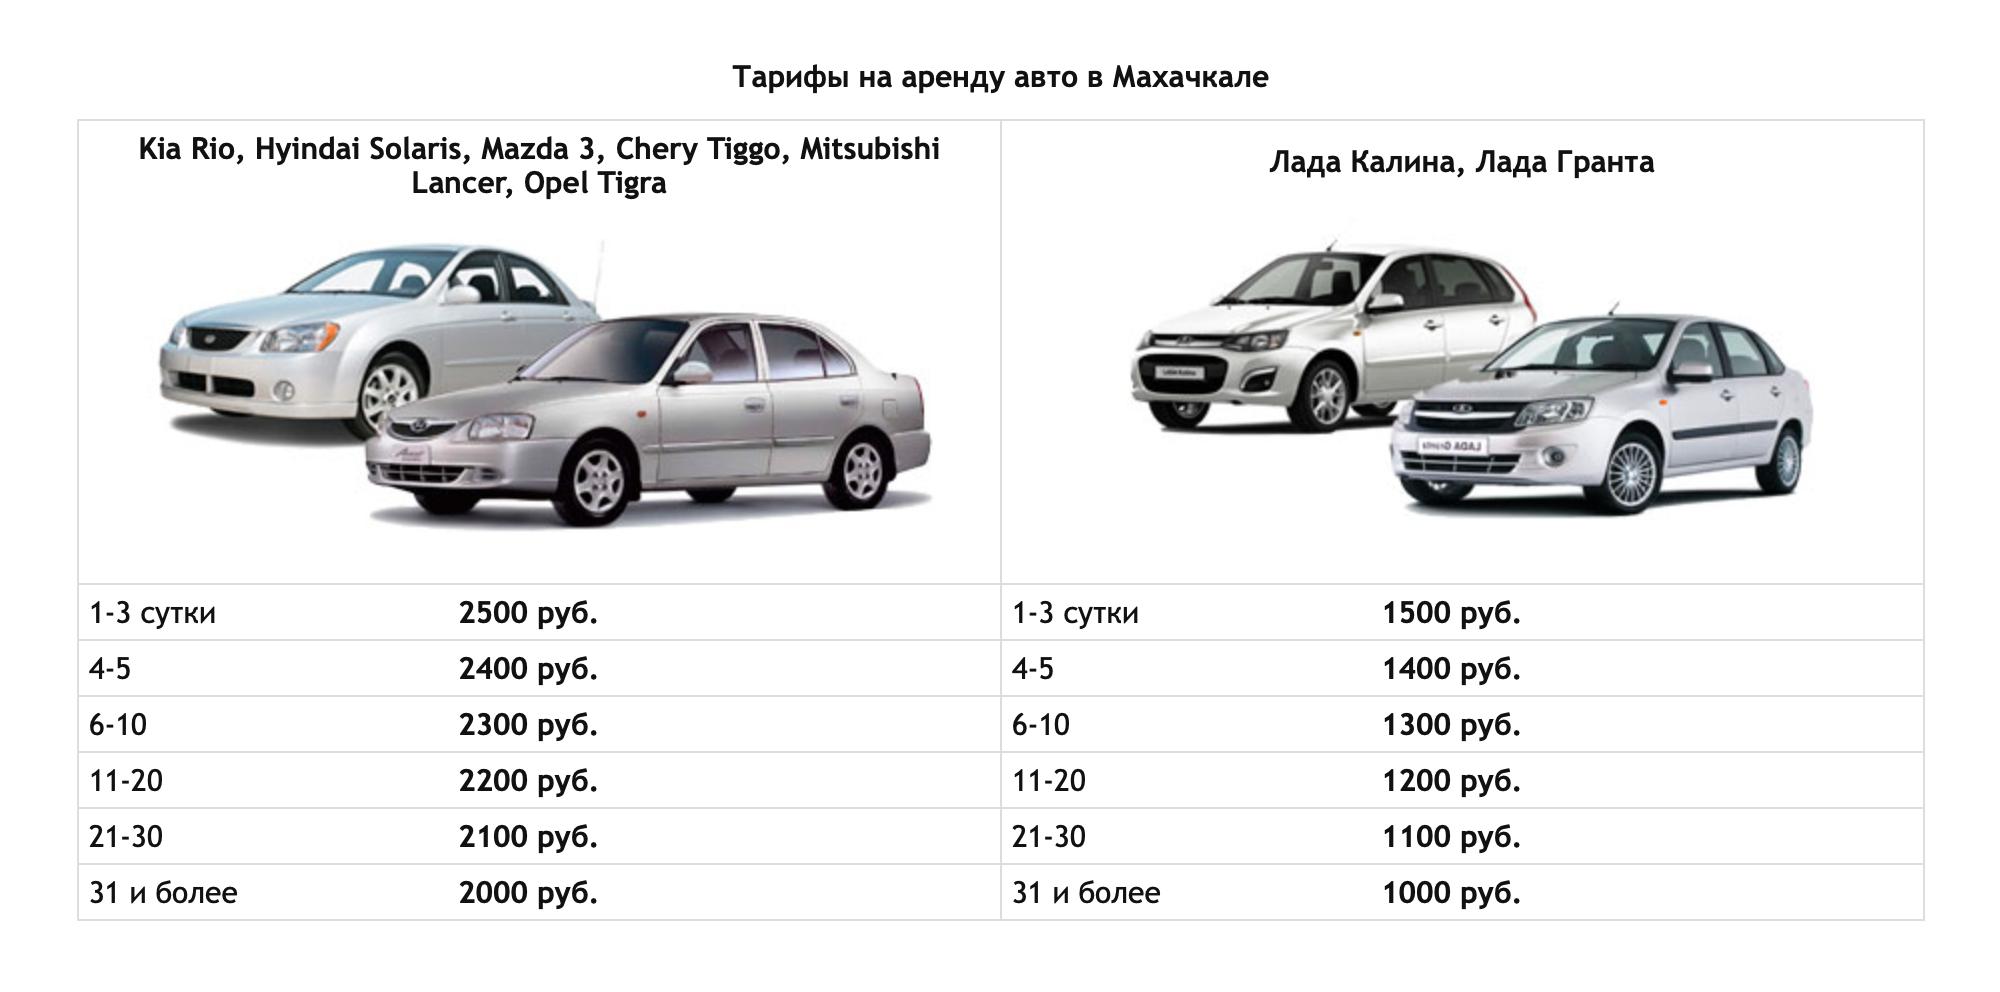 Цены на аренду машины в Махачкале в автосервисе «Люкс»